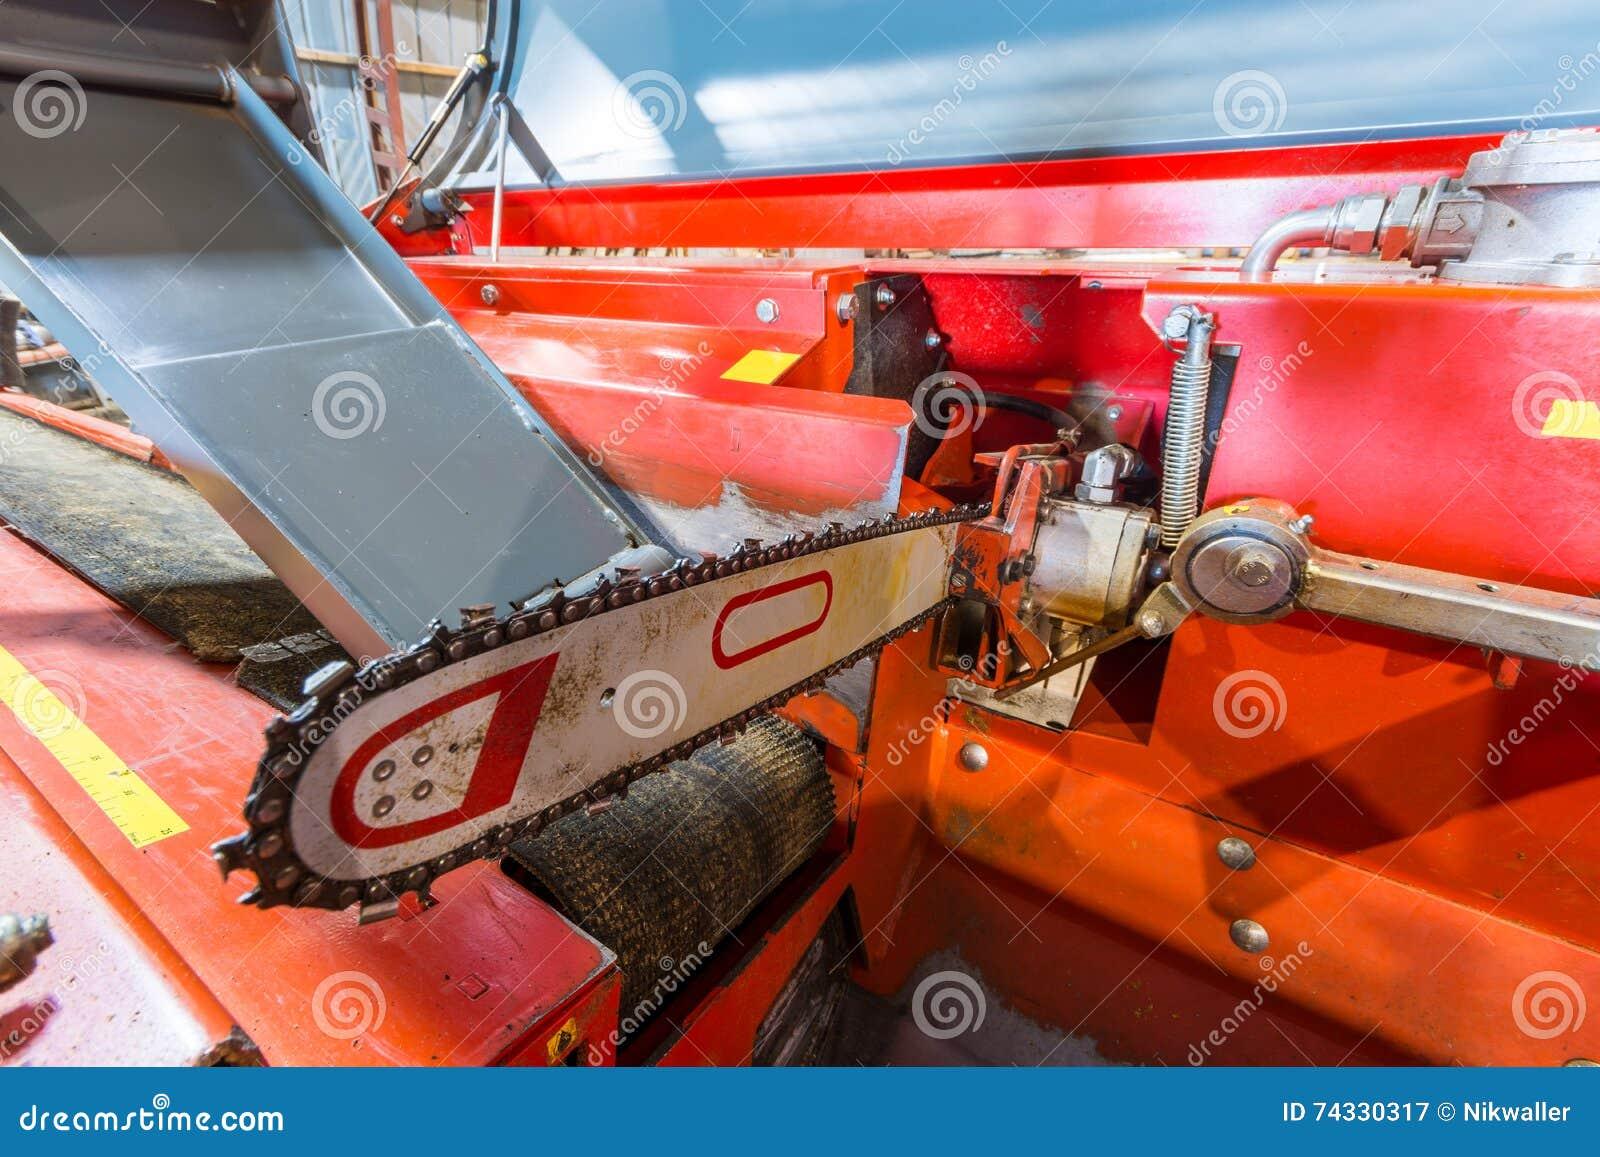 Cloe de tron onneuse machine pour couper le bois de for Chevre pour couper le bois